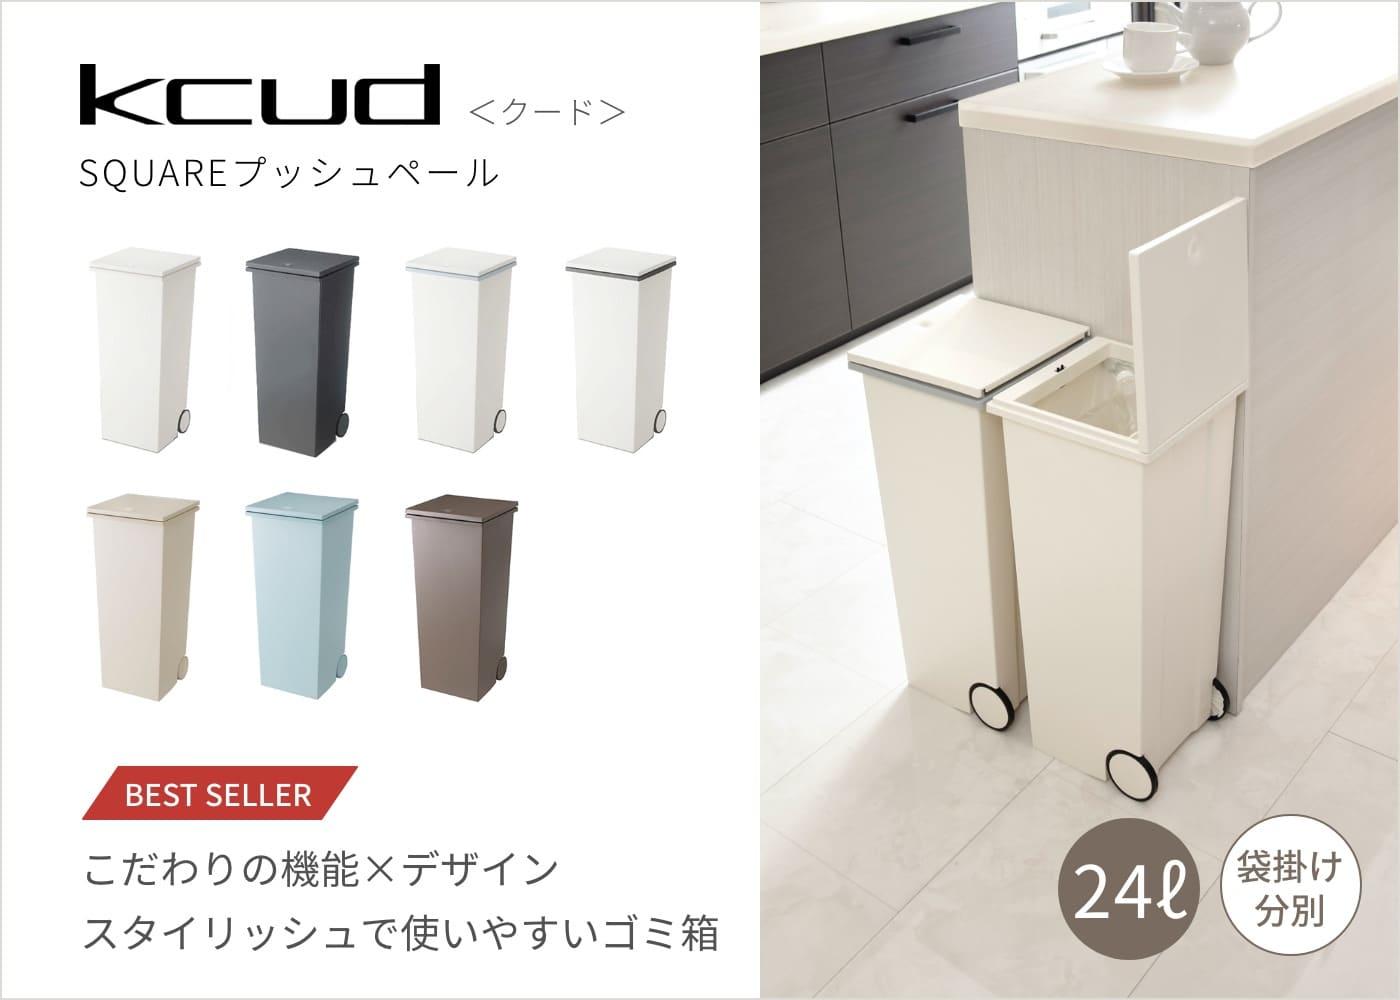 SQUAREプッシュペール「こだわりの機能✕デザイン。スタイリッシュで使いやすいゴミ箱」